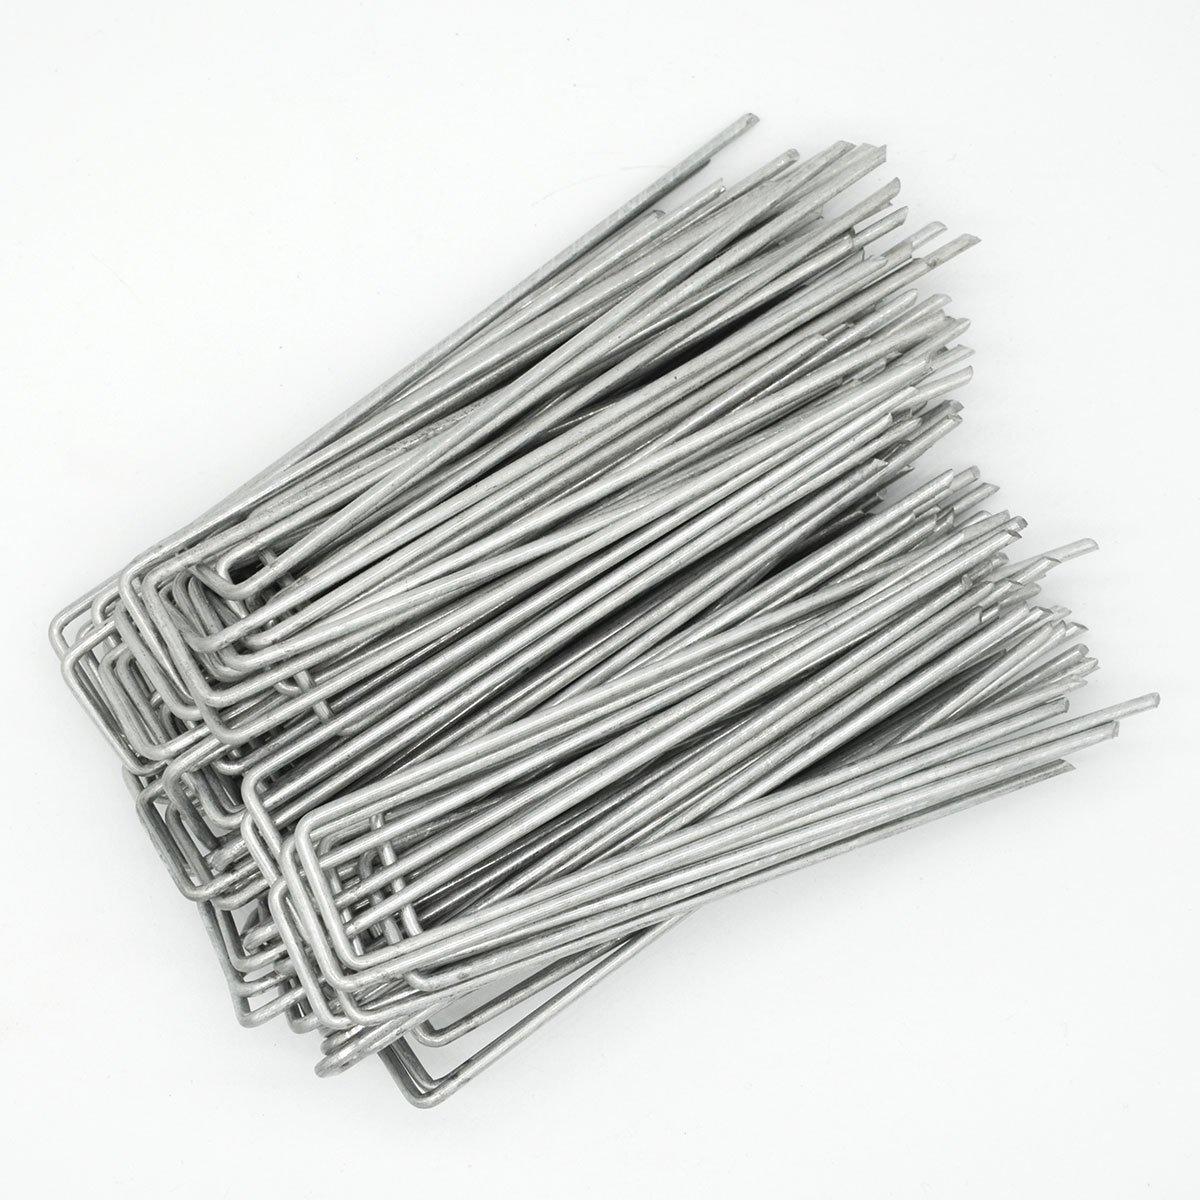 AMANKA Set de 100 Estacas de Acero galvanizado 150x30mm Metal Ø3,2mm para anclar Lonas al Suelo en Forma de U Anguloso: Amazon.es: Jardín